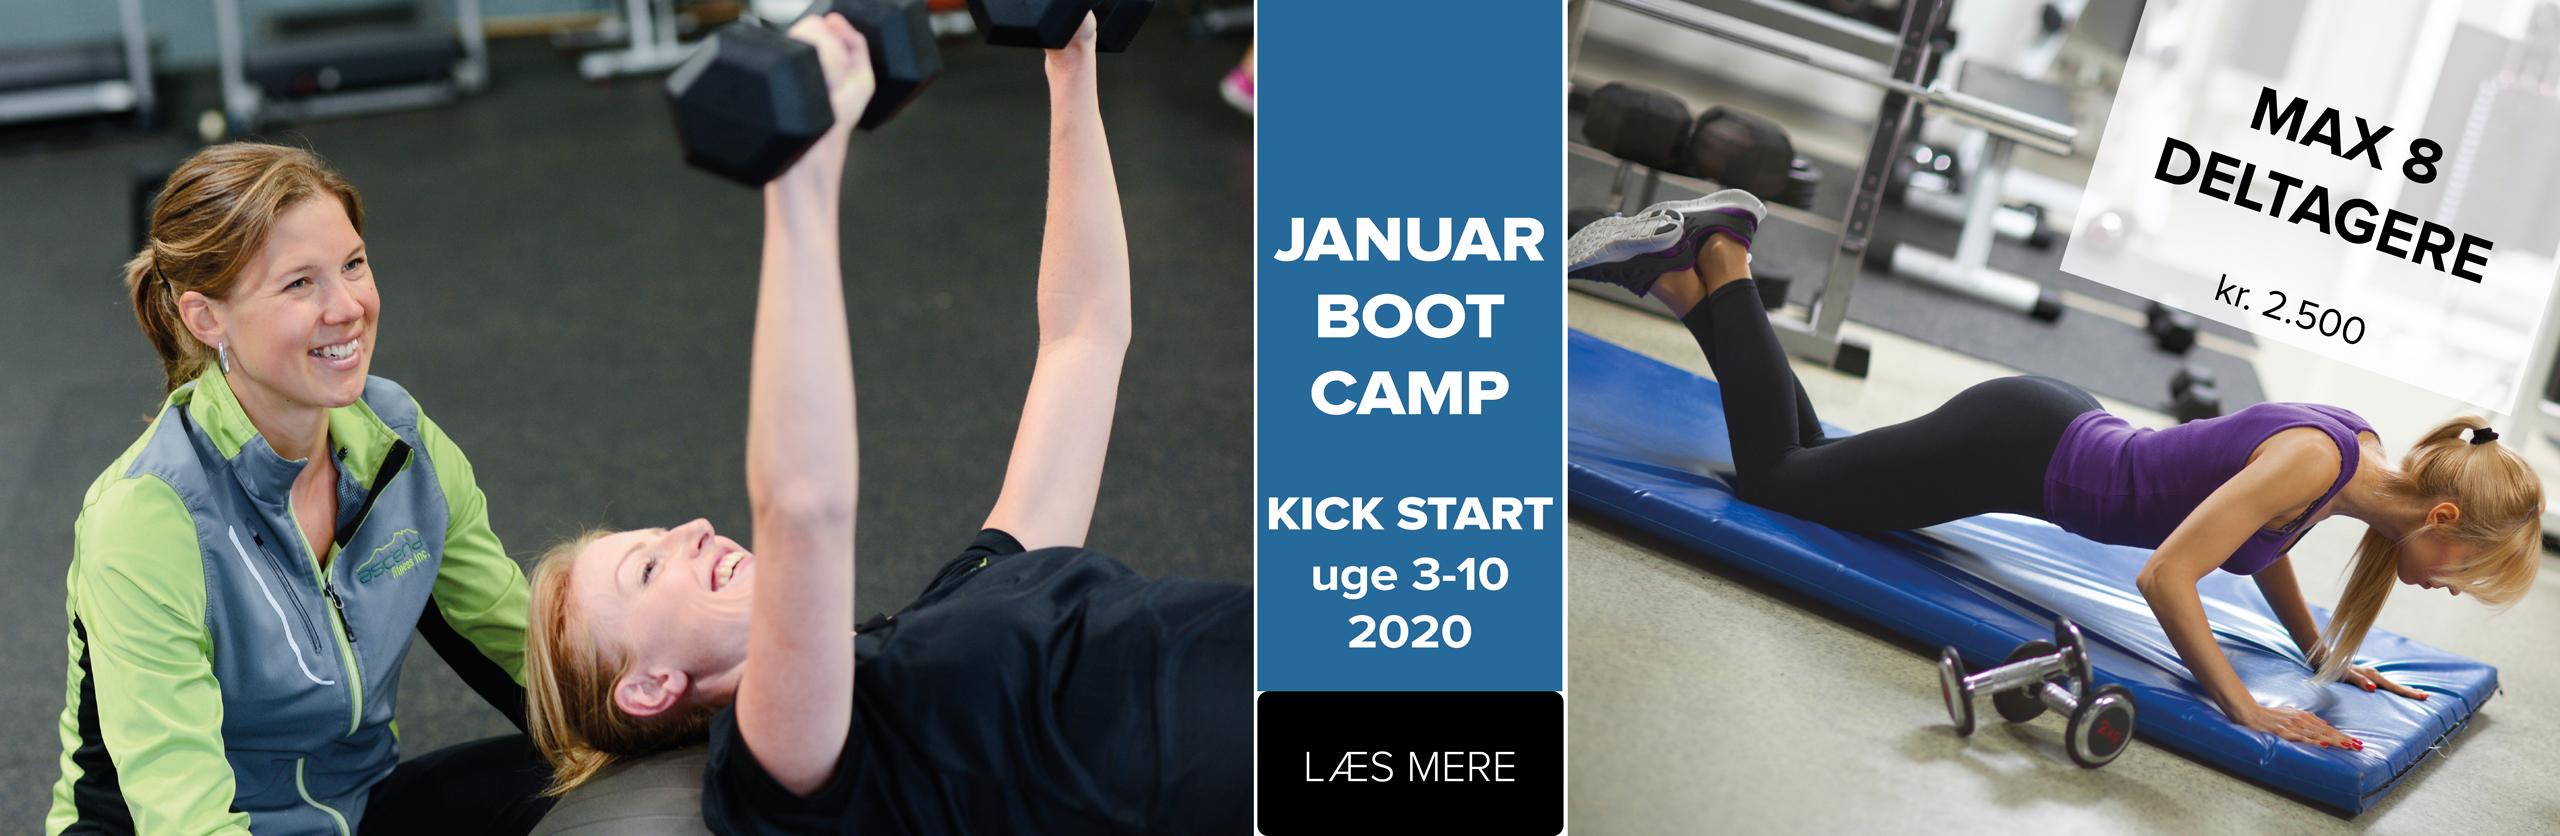 Januar boot camp